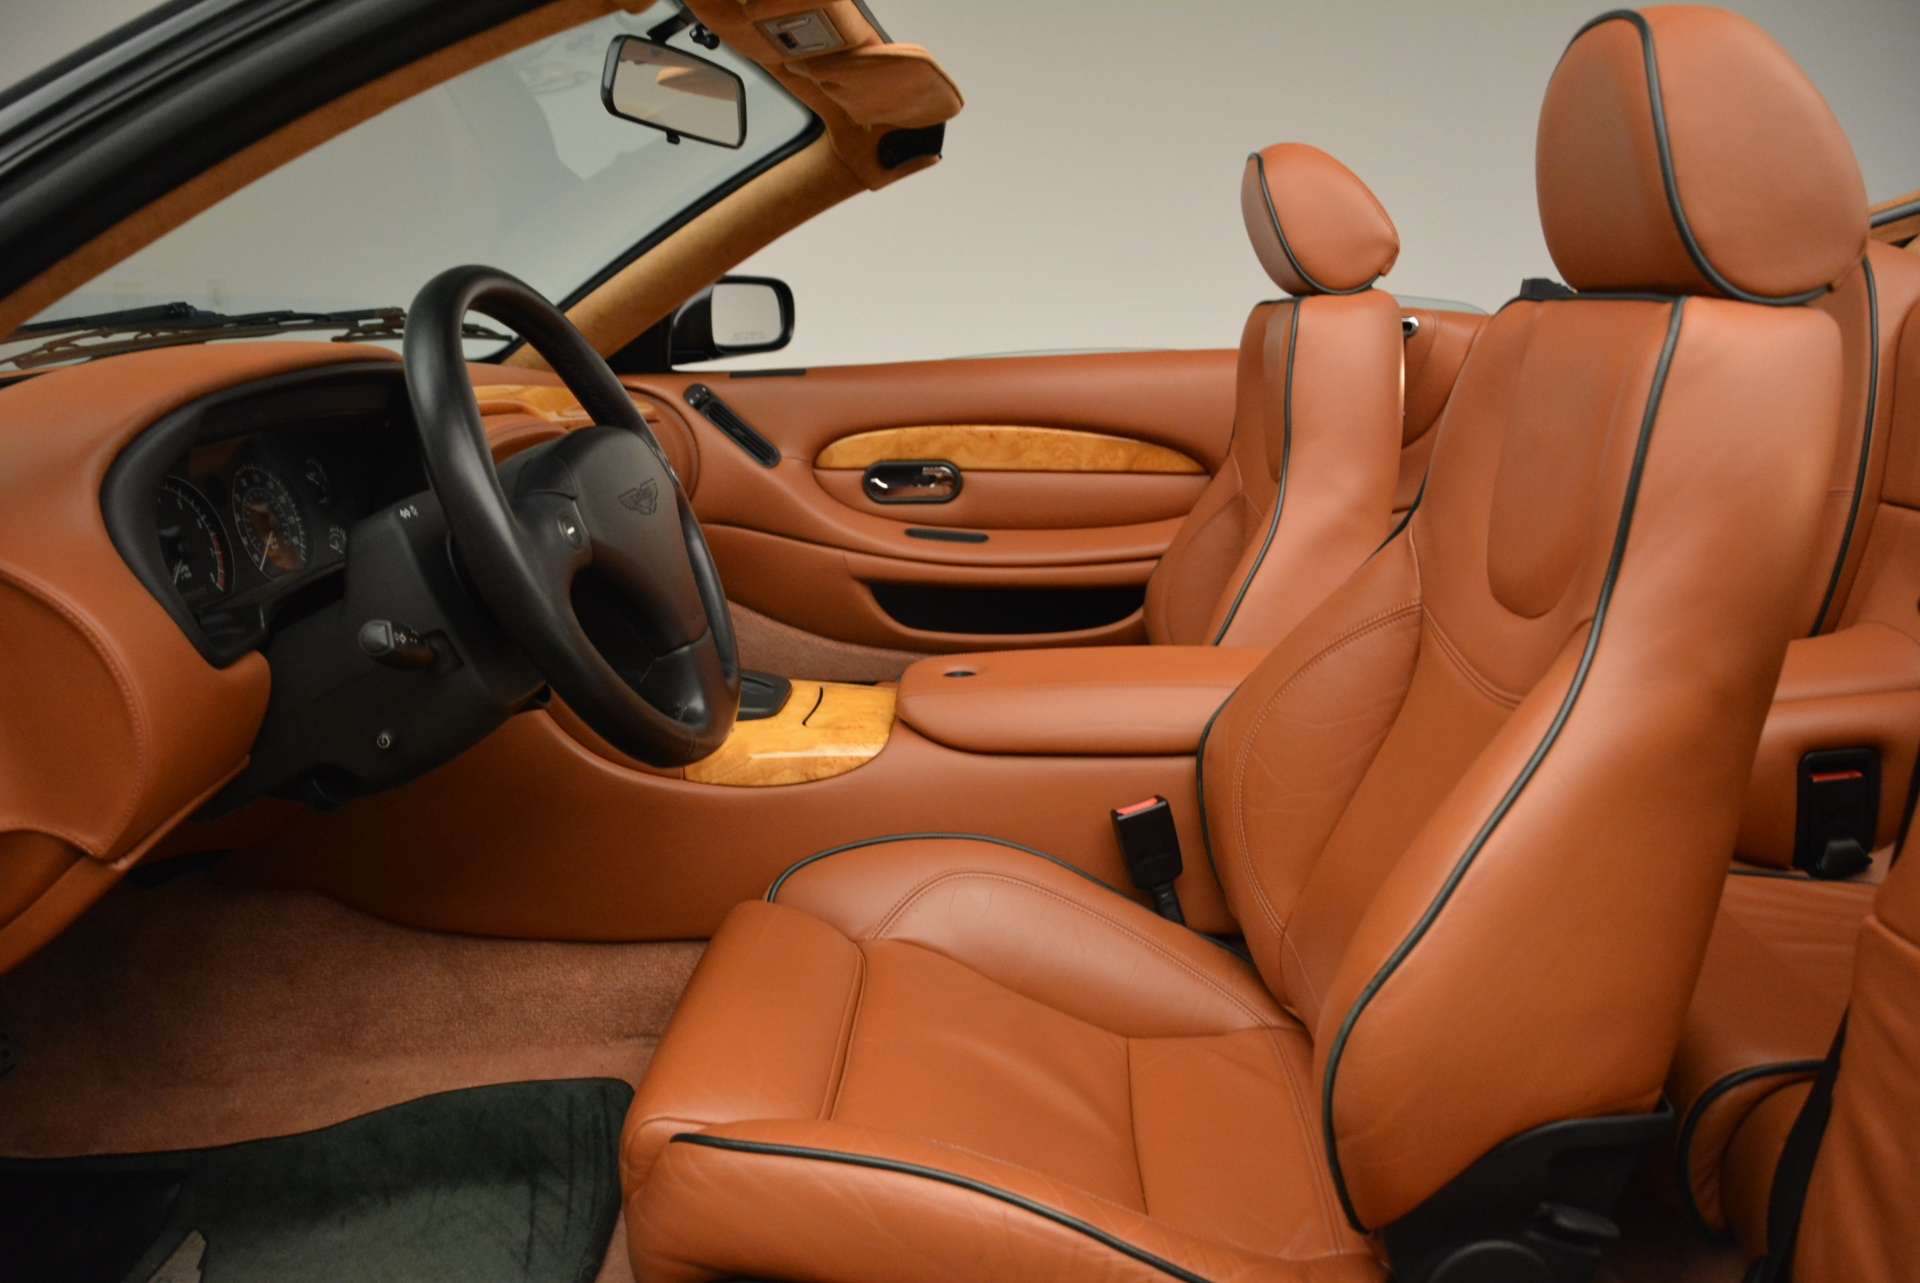 Used 2003 Aston Martin DB7 Vantage Volante For Sale In Greenwich, CT 2084_p23